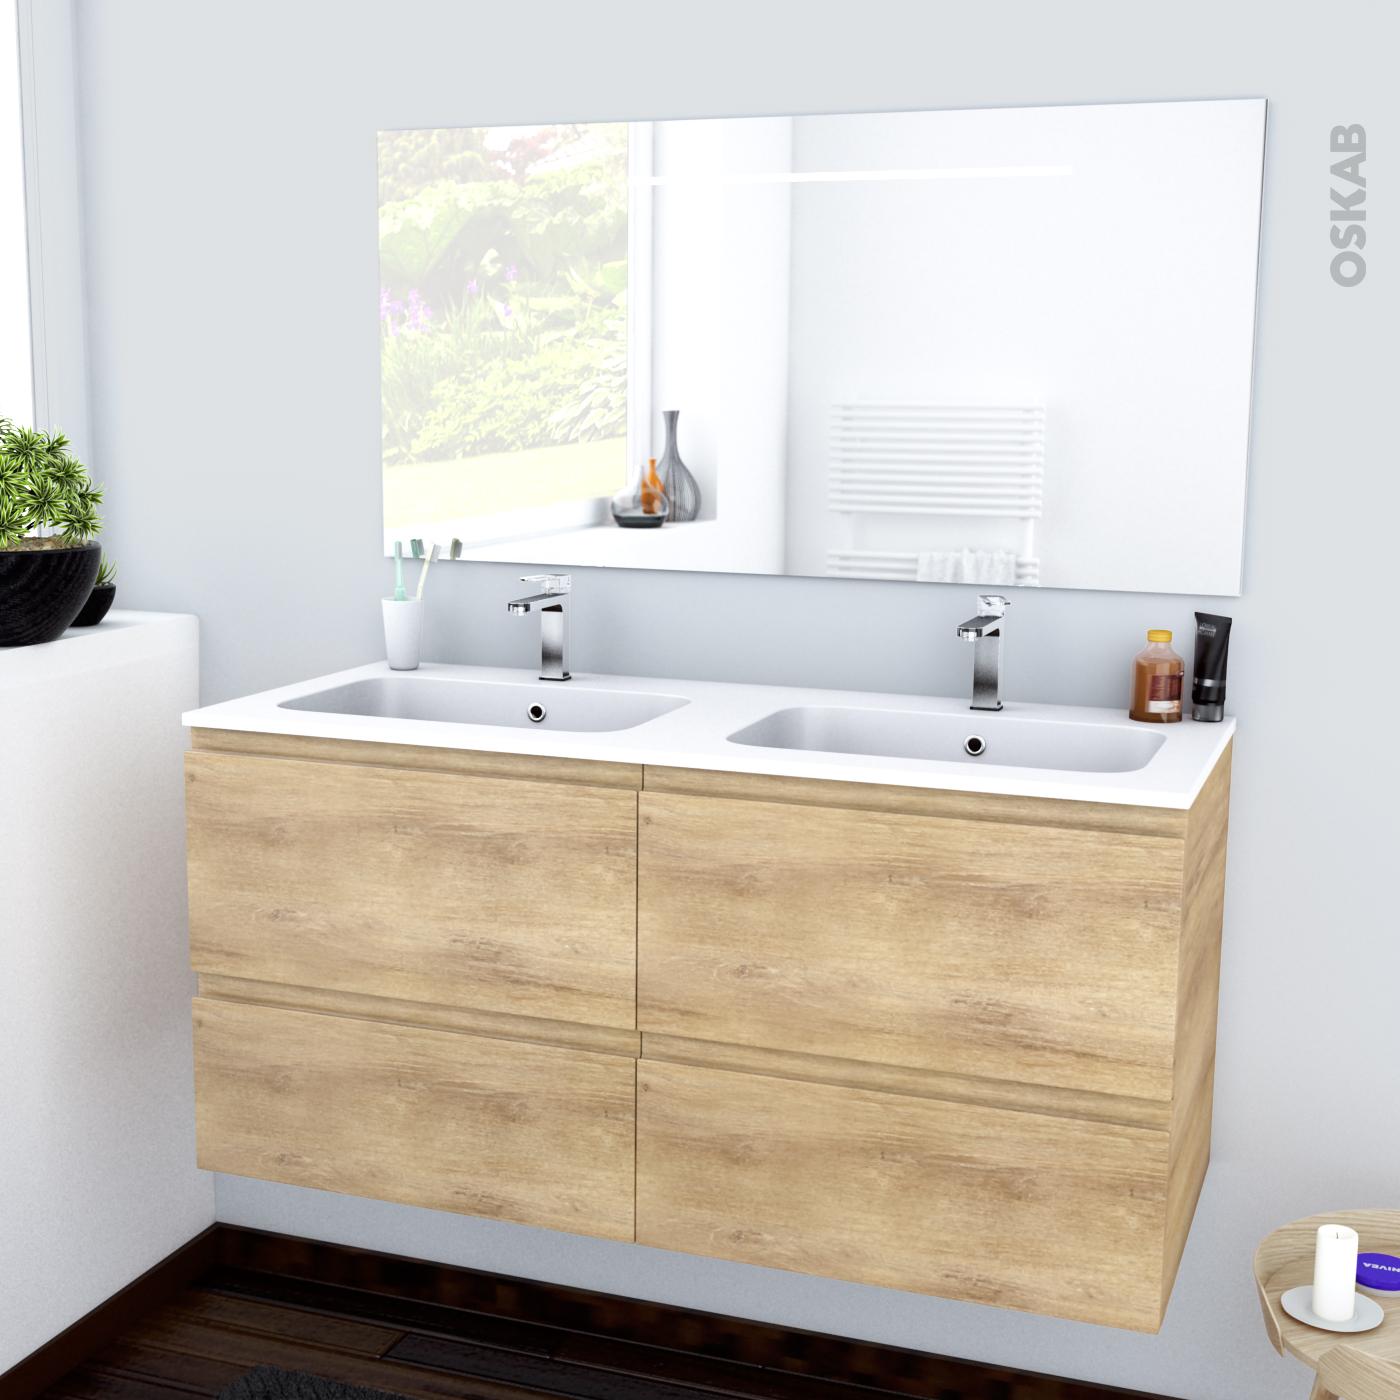 Ensemble Salle De Bains Meuble Ipoma Bois Plan Double Vasque Resine Miroir Lumineux L120 5 X H58 5 X P50 5 Cm Oskab